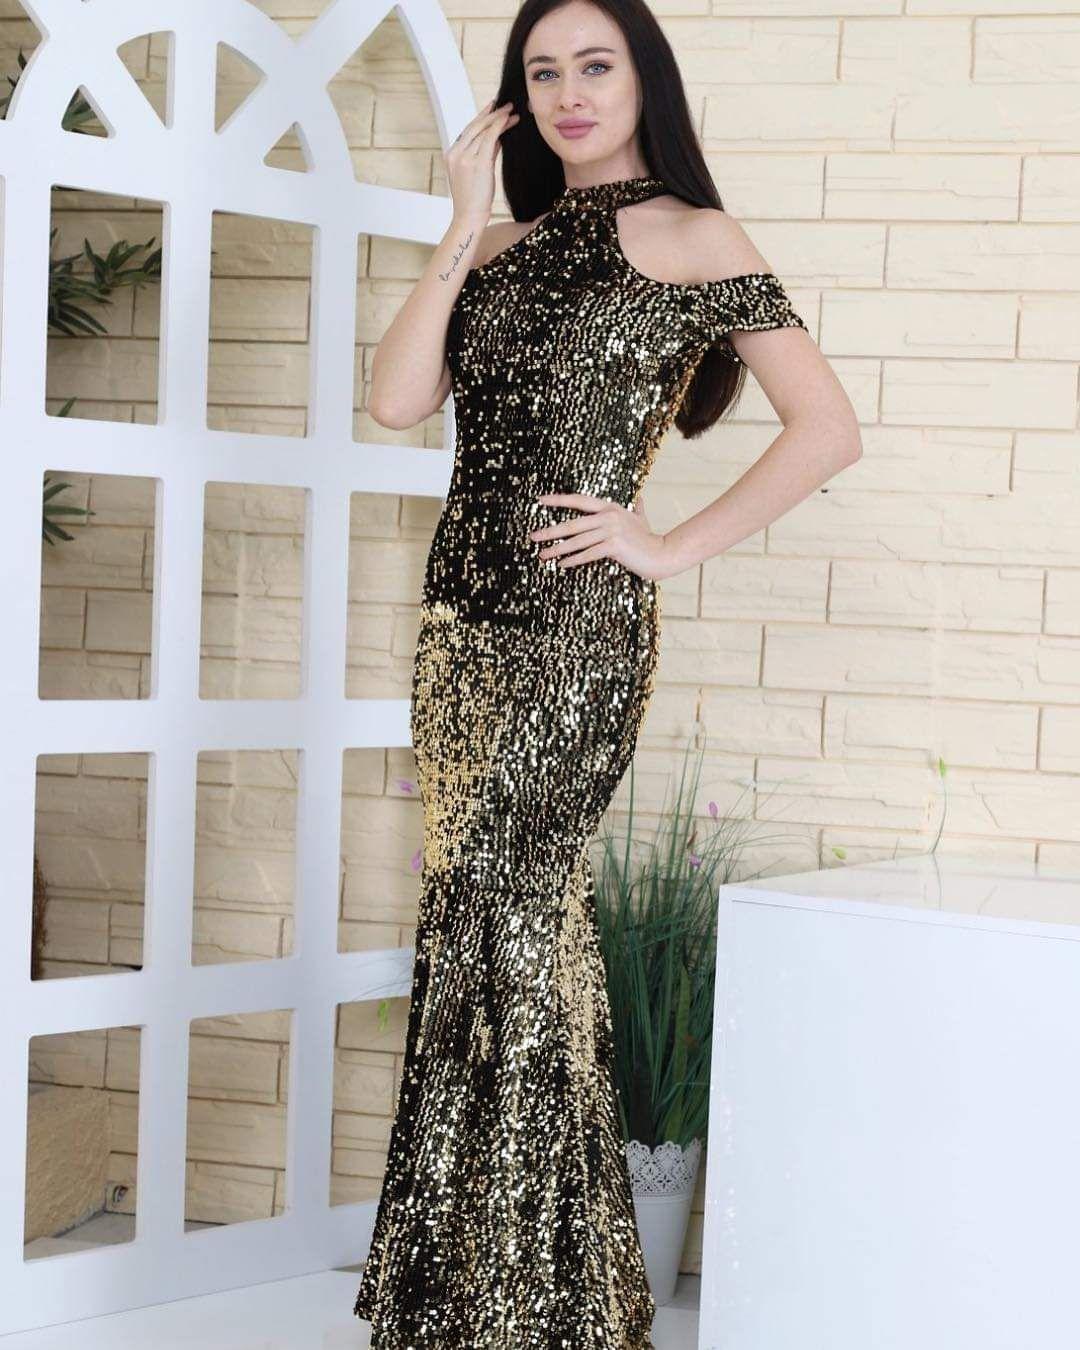 فساتين ترتر براق واو البيع جملة من اسطنبول تركيا الى جميع انحاء العالم اسعار منافسة المقاسات 38 40 42 44 46 Dresses Beautiful Dresses Formal Dresses Long